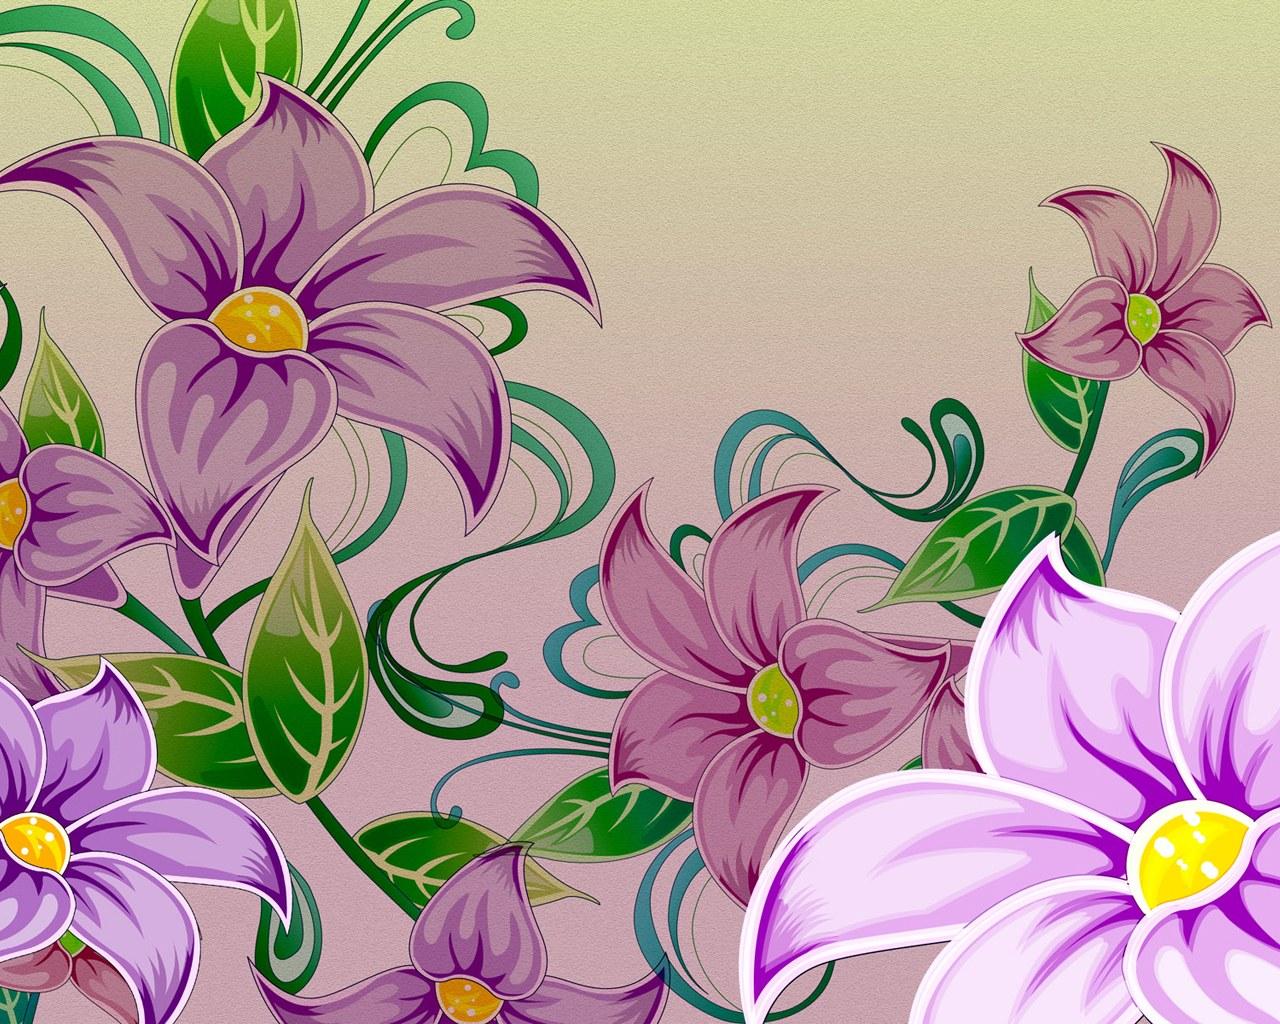 Flower Design Wallpapers Wallpapersafari